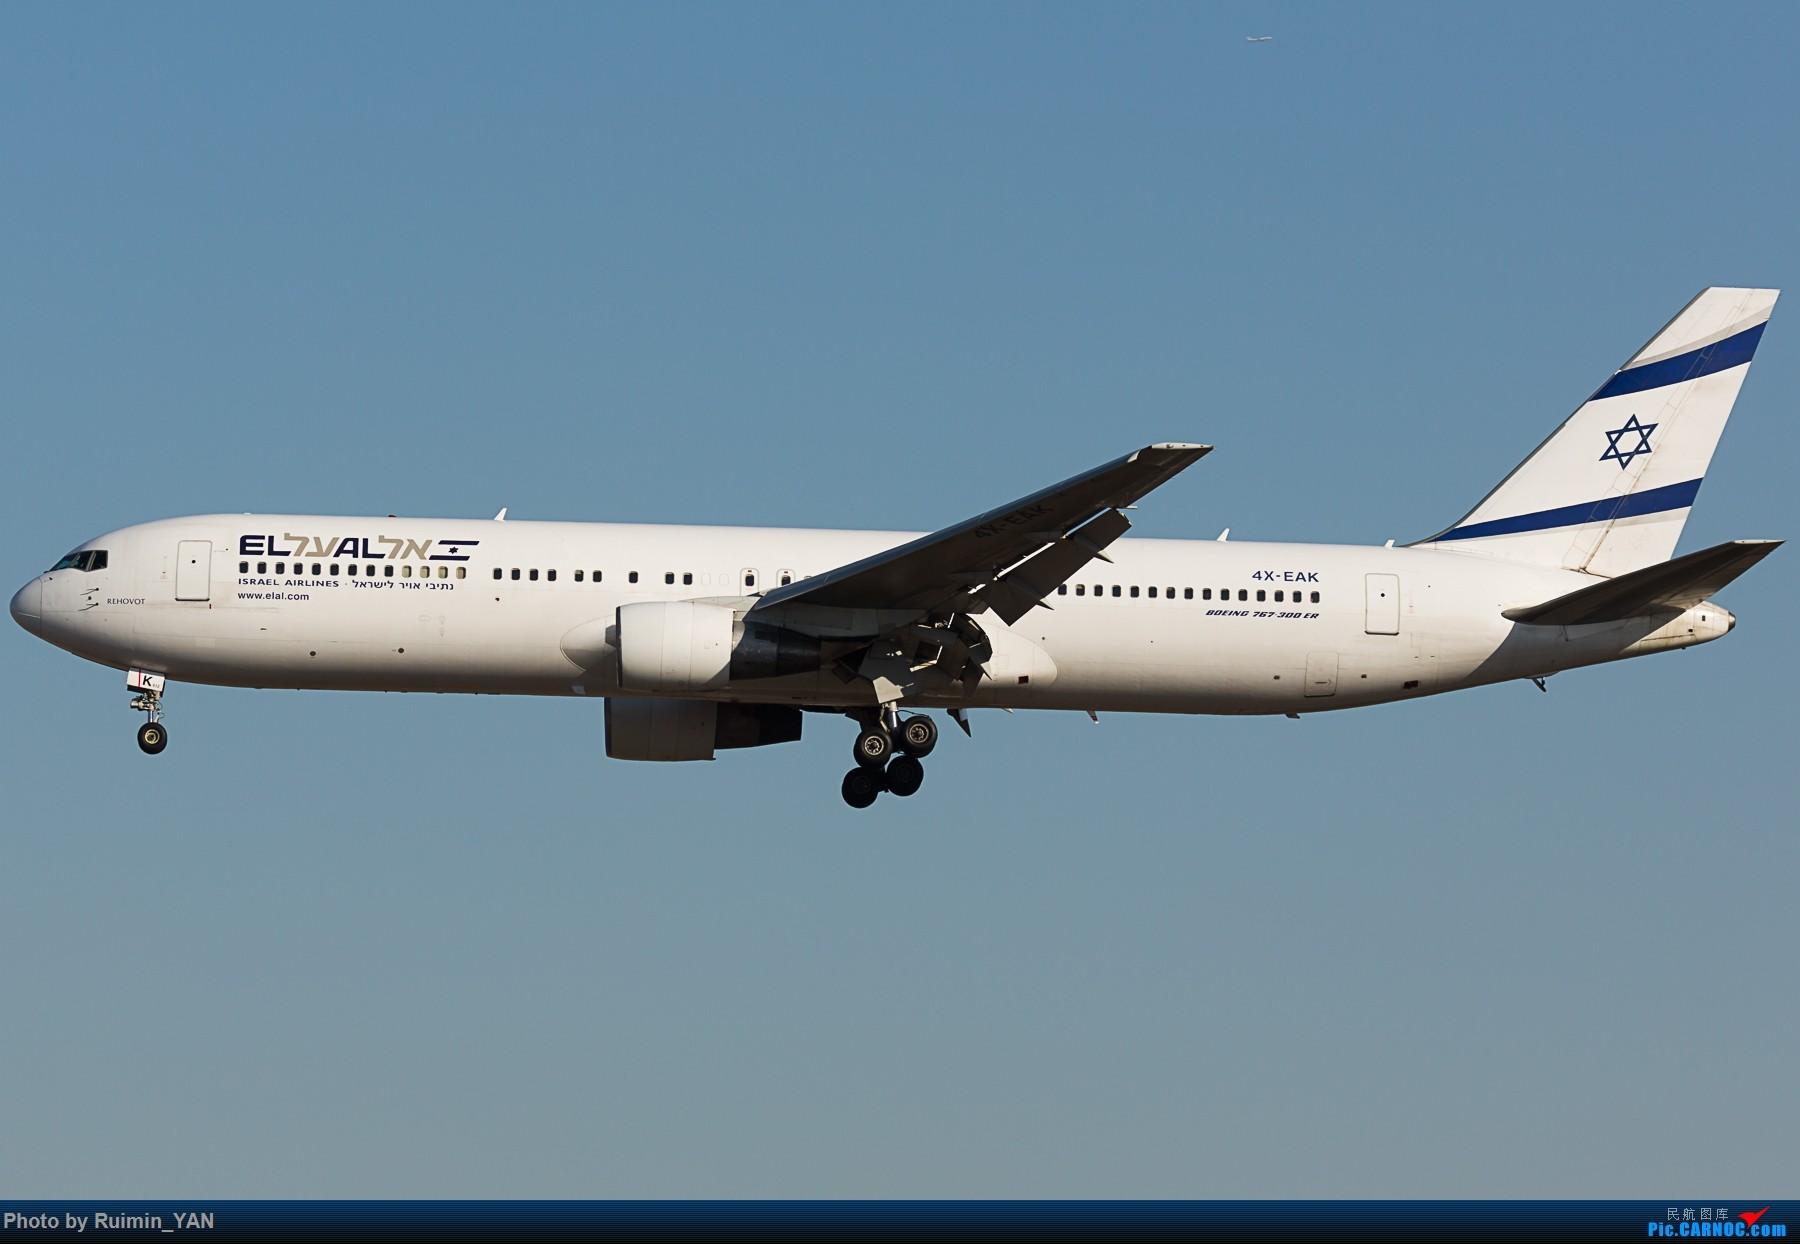 Re:[原创]【PEK】以色列航空 老涂装(LY,El Al Israel Airlines)763 4X-EAK BOEING 767-300ER 4X-EAK 中国北京首都国际机场